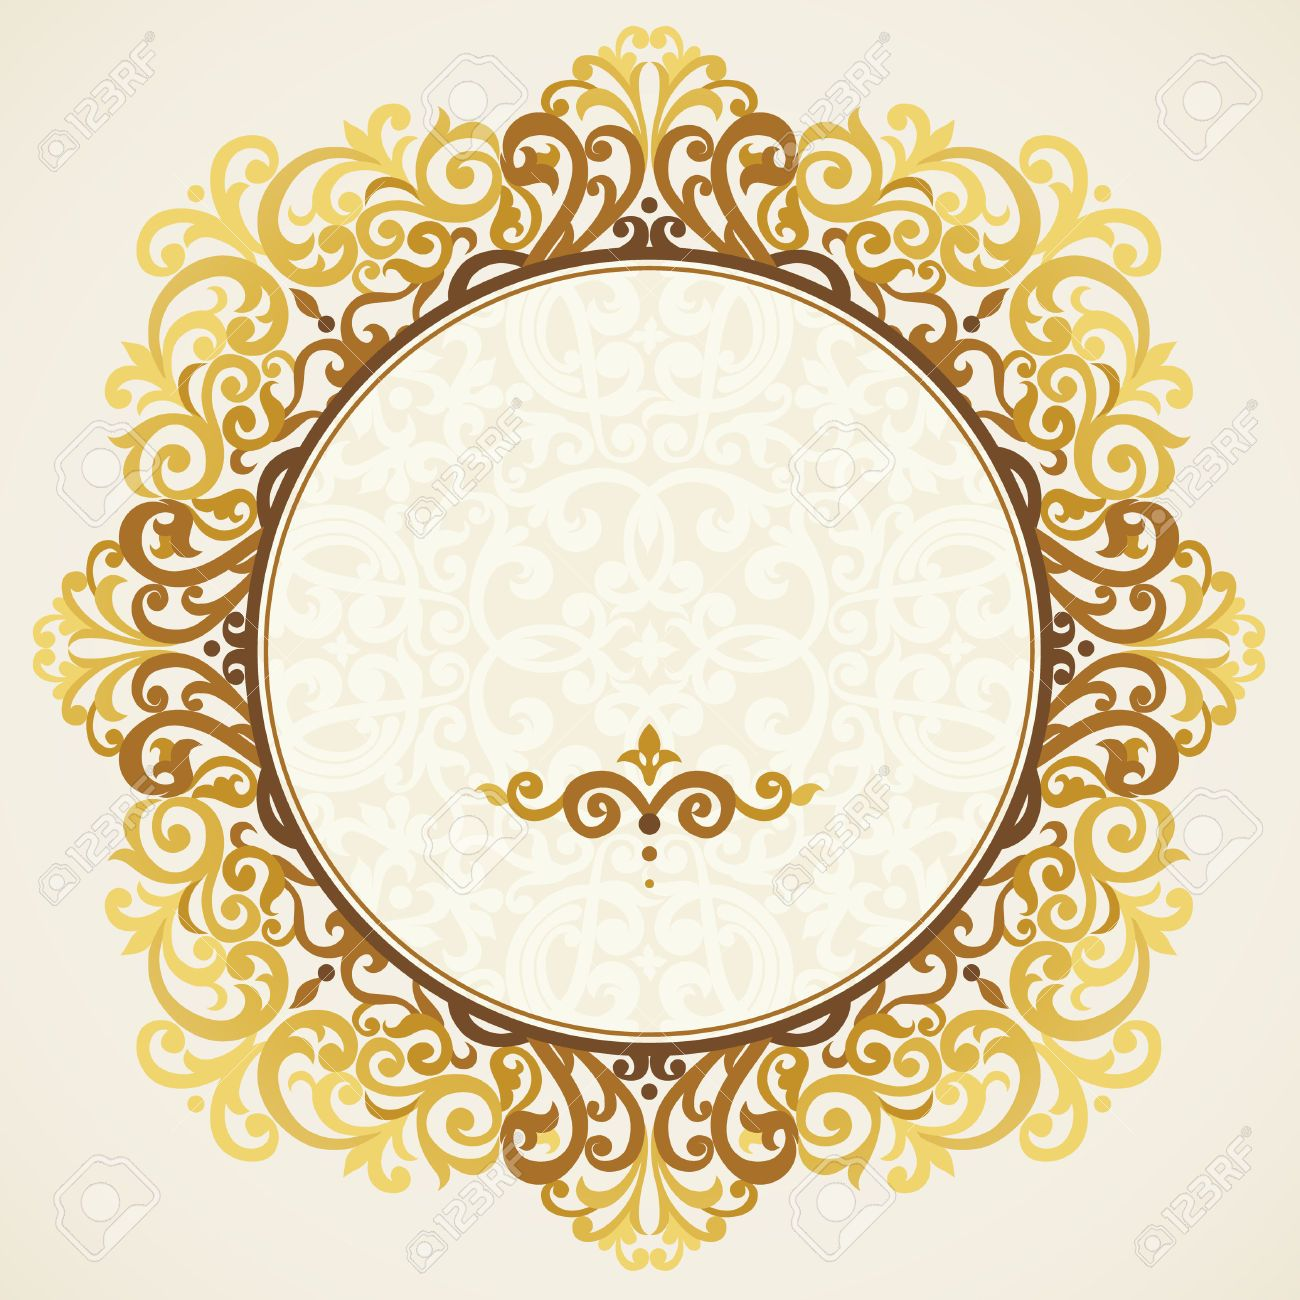 30404985-Vintage-ornate-frame-in-east-style-Golden-Victorian-floral ...